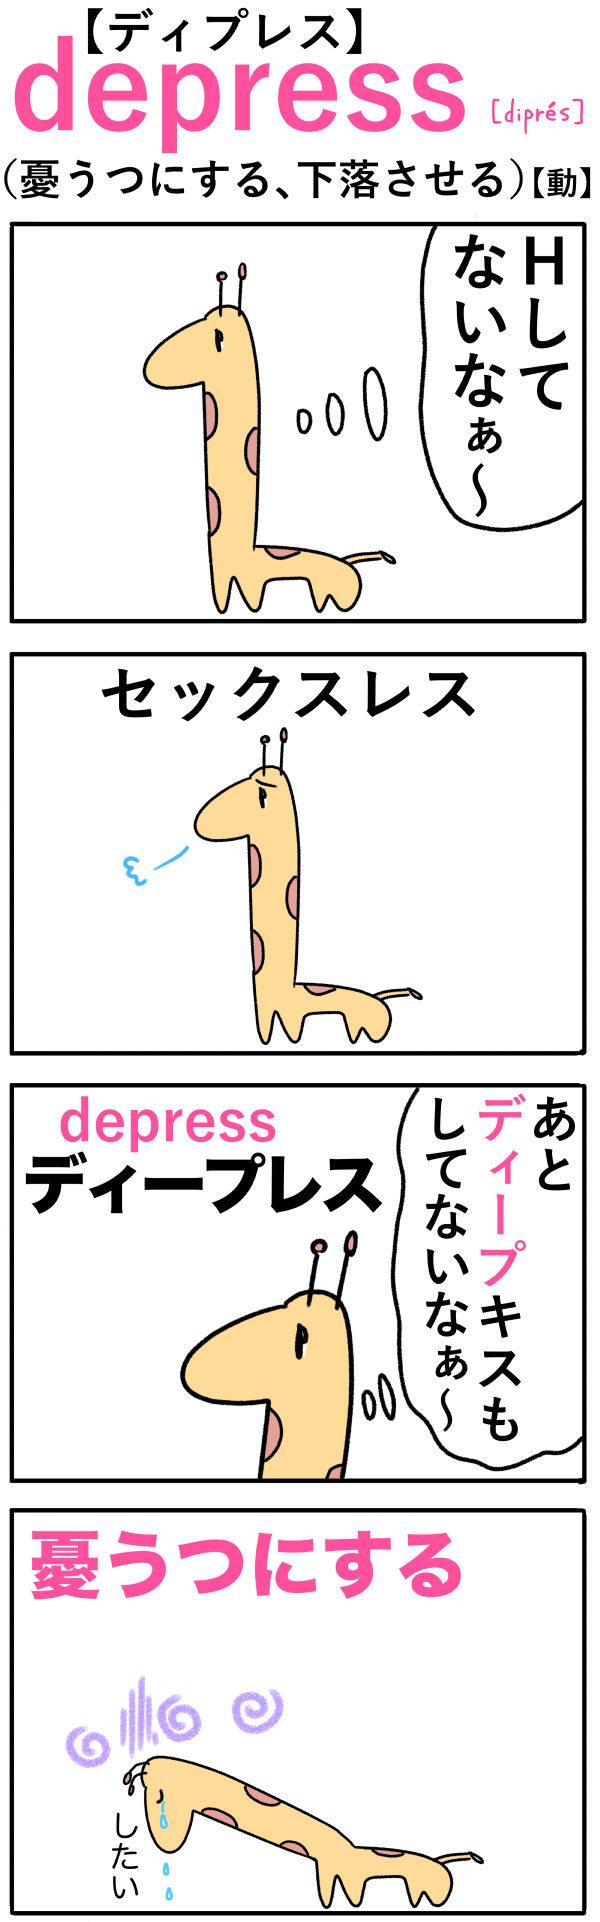 depress(憂うつにする)の語呂合わせ英単語